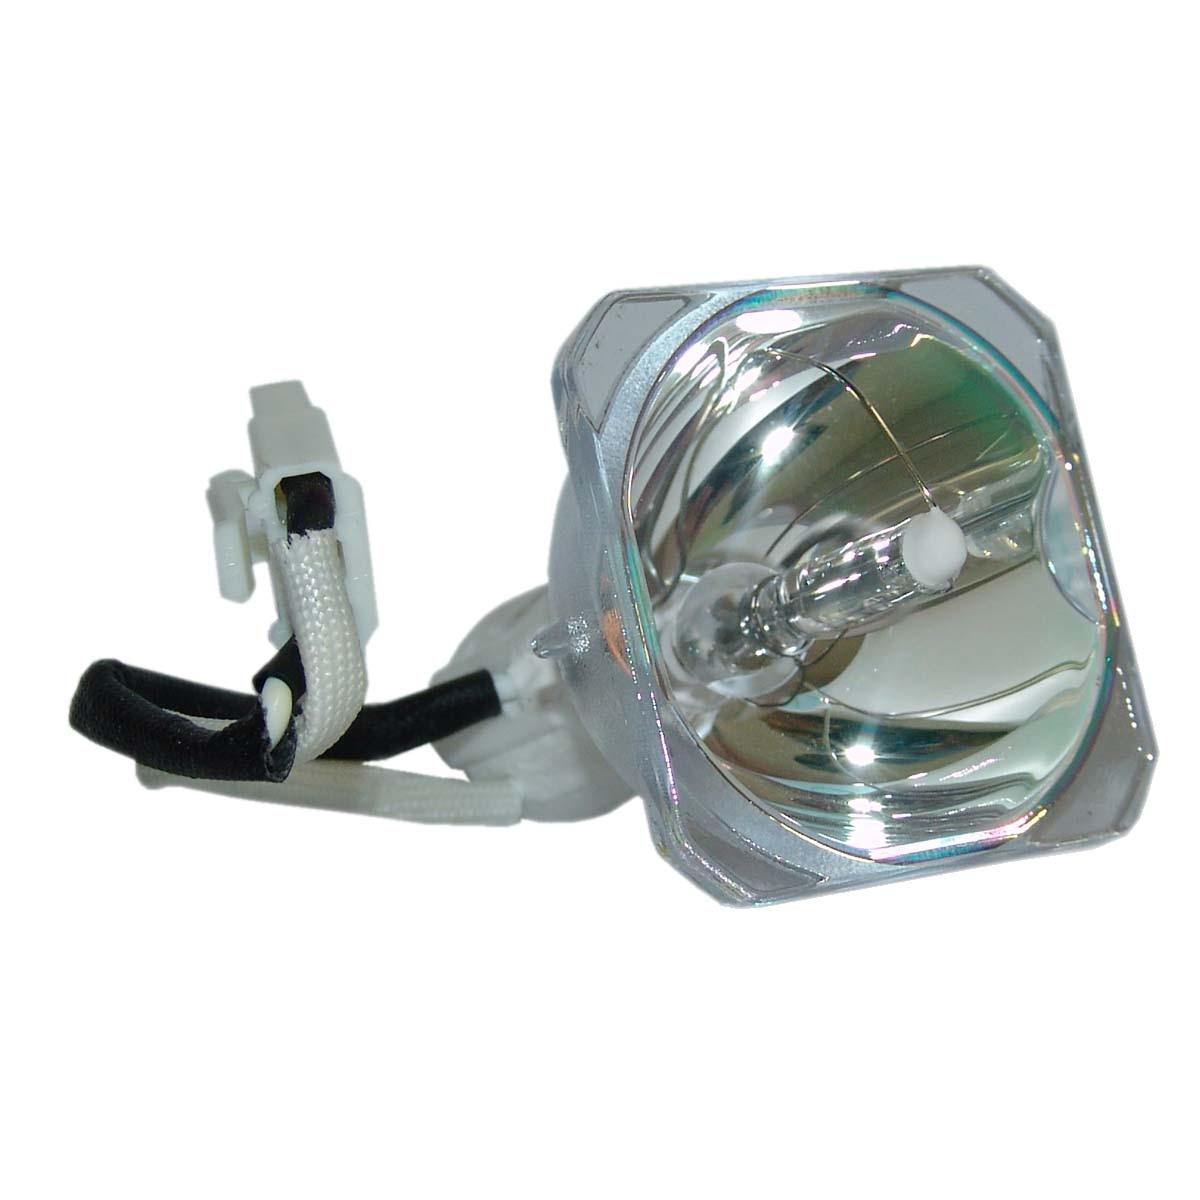 Compatible Bare Bulb SHP137 5811116310-S for Vivitek D535 D530 D536-3D D537 D537W D538W D522WT Projector Lamp Bulb without Case free shipping replacement lamp 5811116310 5811116310 s 5811116310 su 5811116320 s 5811116320 su for vivitek projector